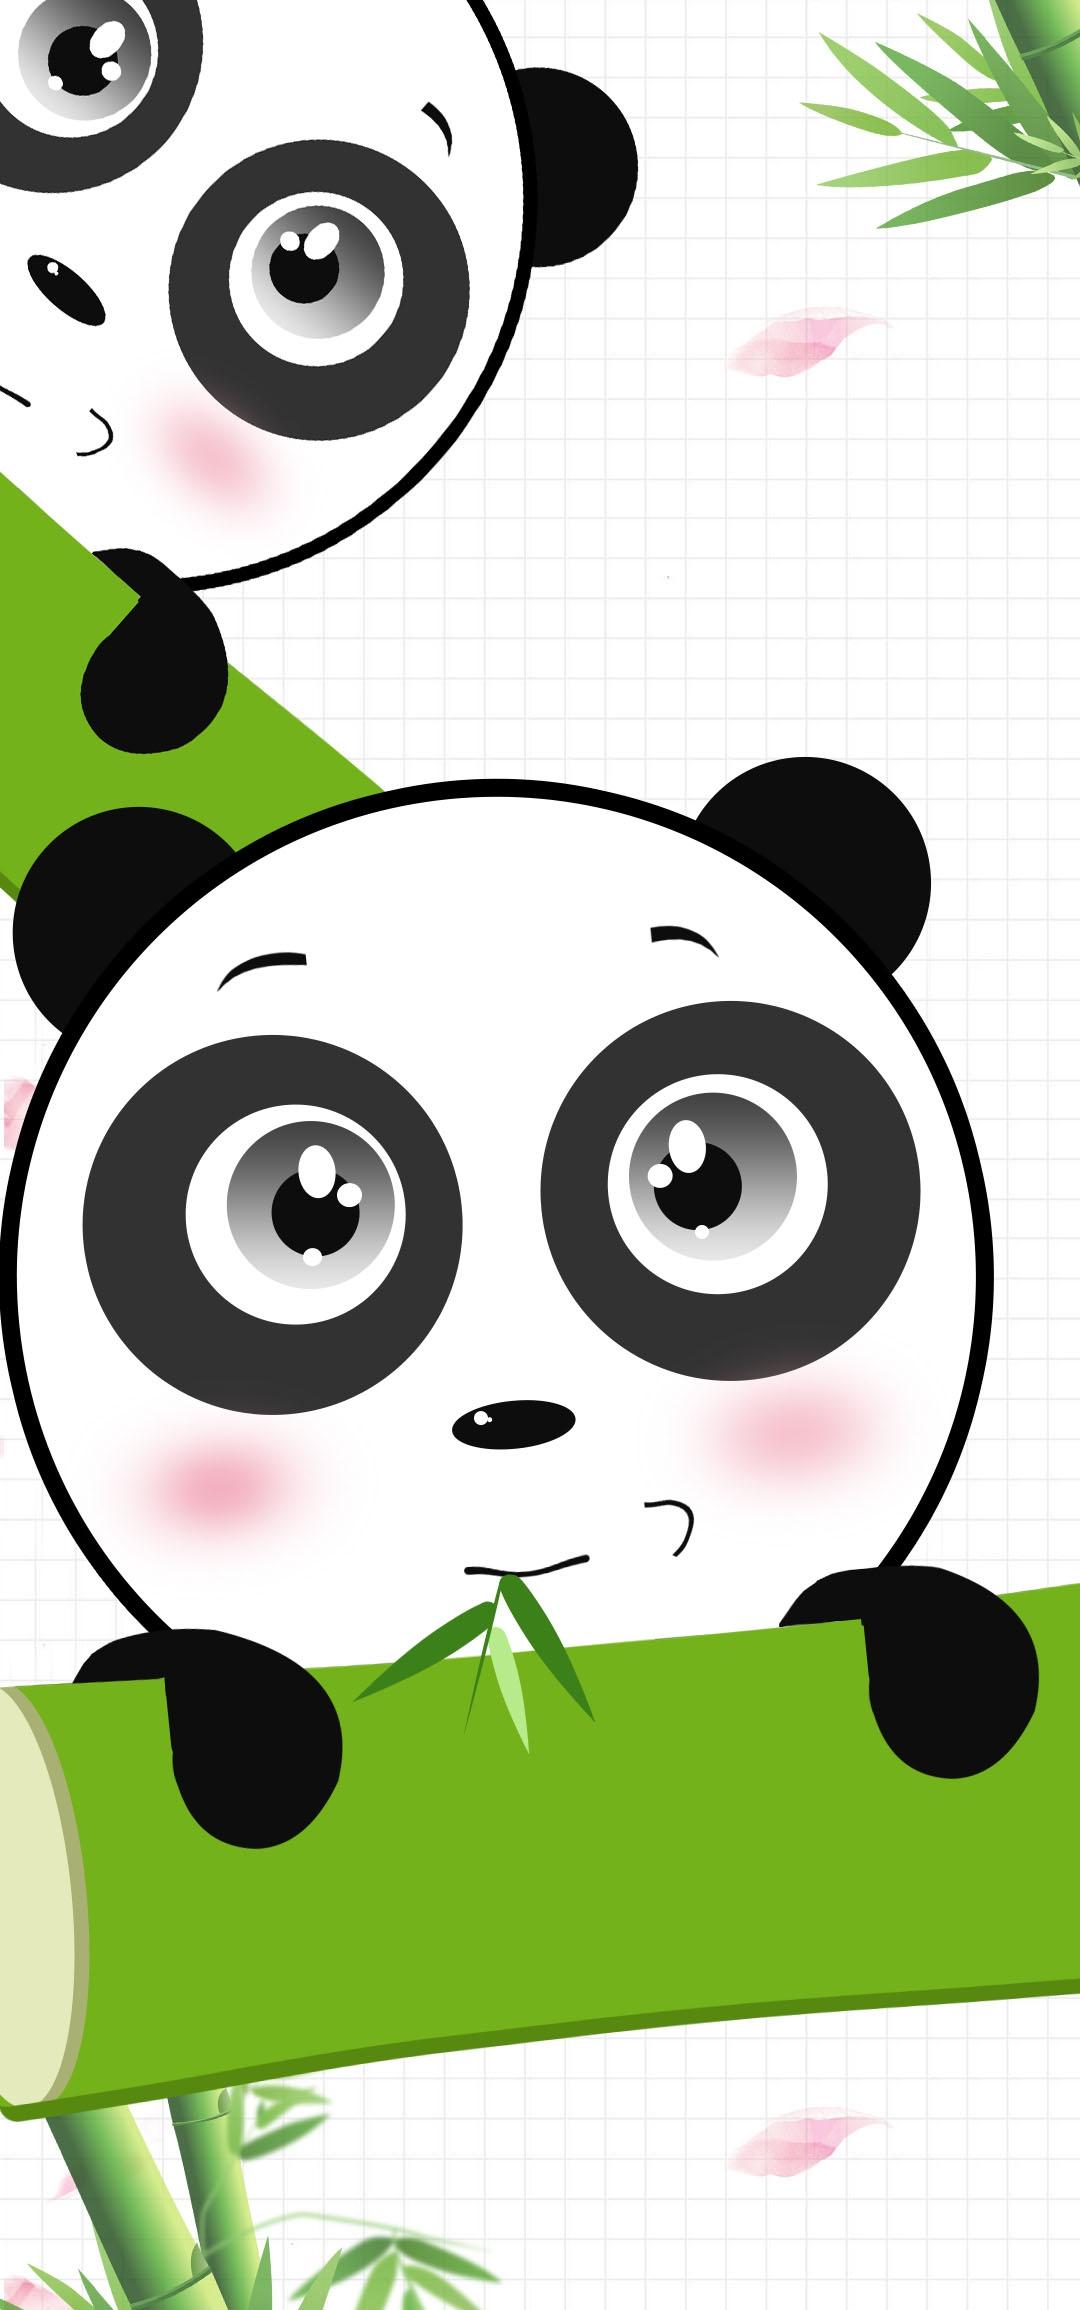 壁纸模板熊猫.jpg